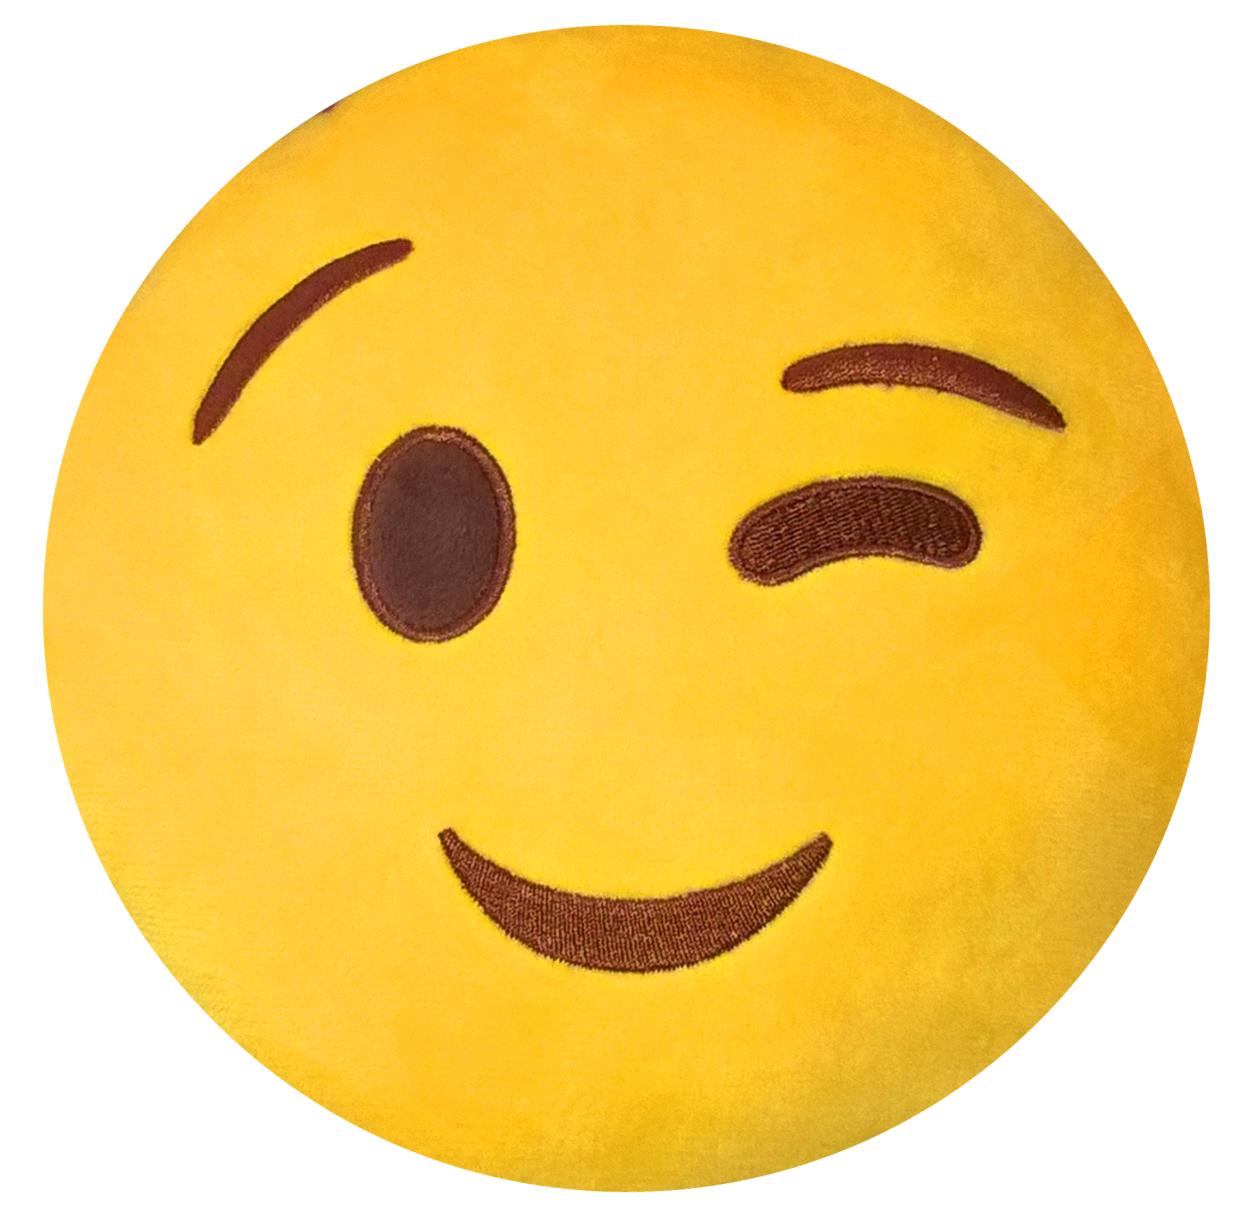 Подушка на подголовник Rexxon Подмигивание, цвет: желтый94672Включает в себя функции подушки, подголовника, игрушки.